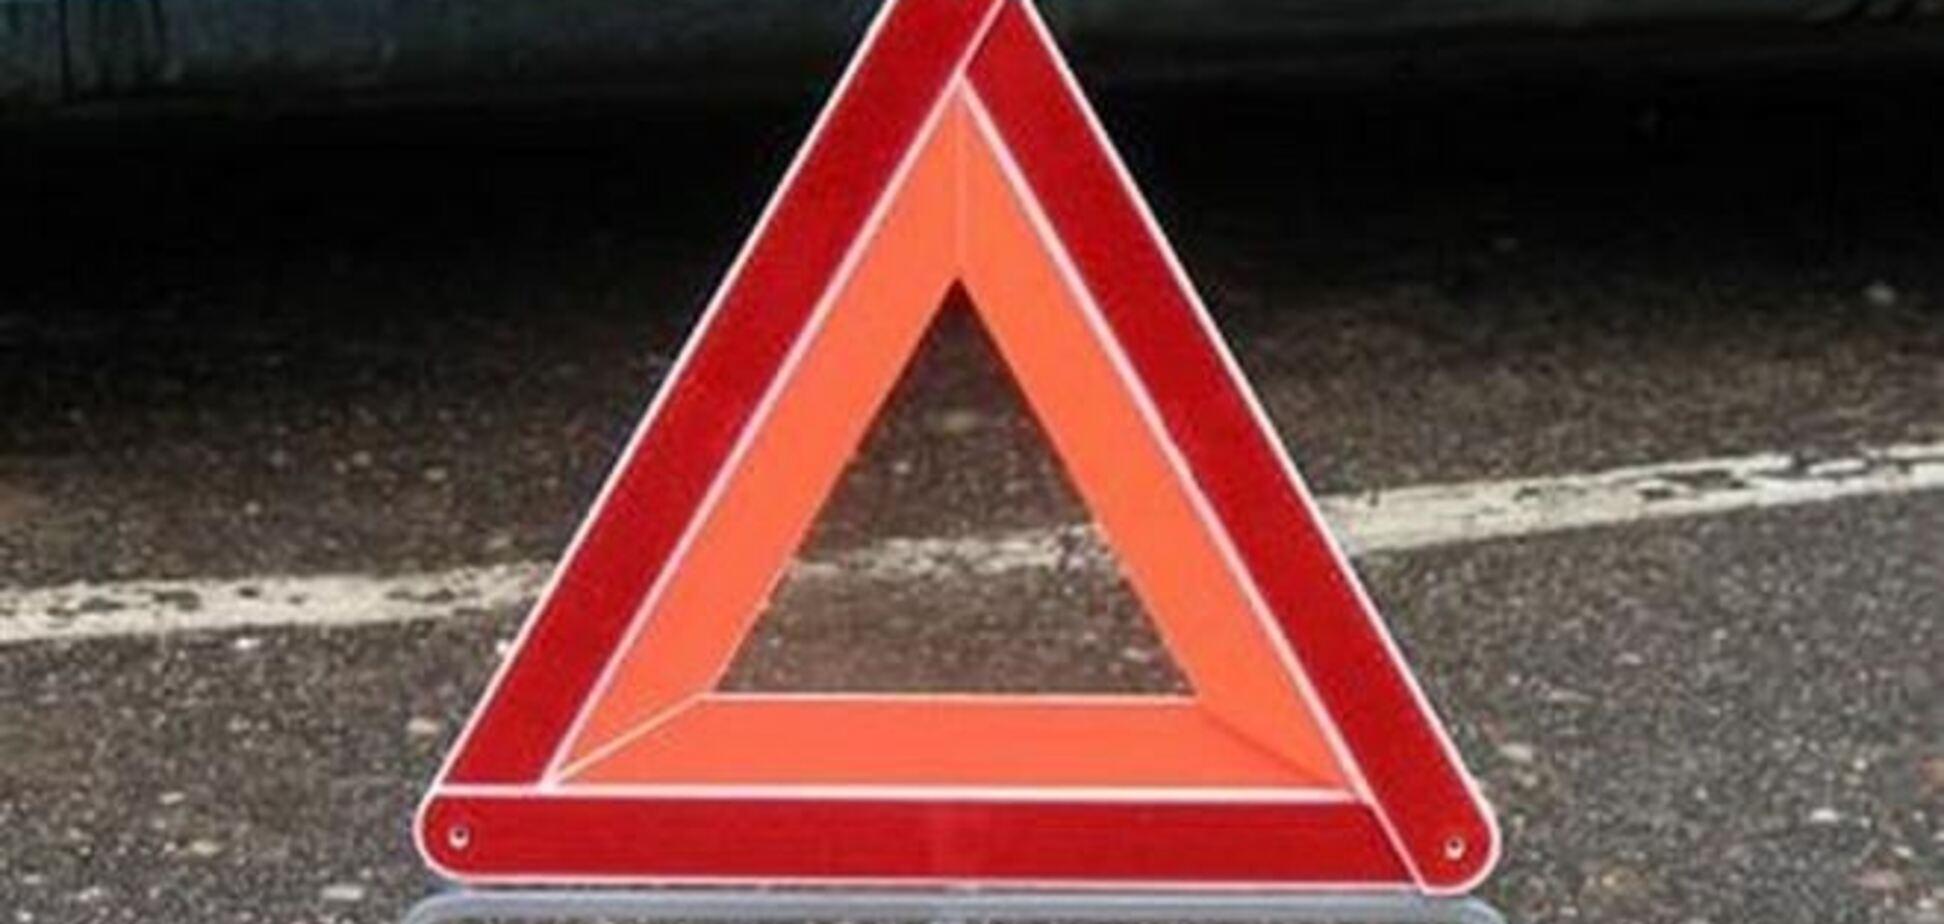 Ситуация на дорогах 12 января: 76 ДТП, 15 погибших